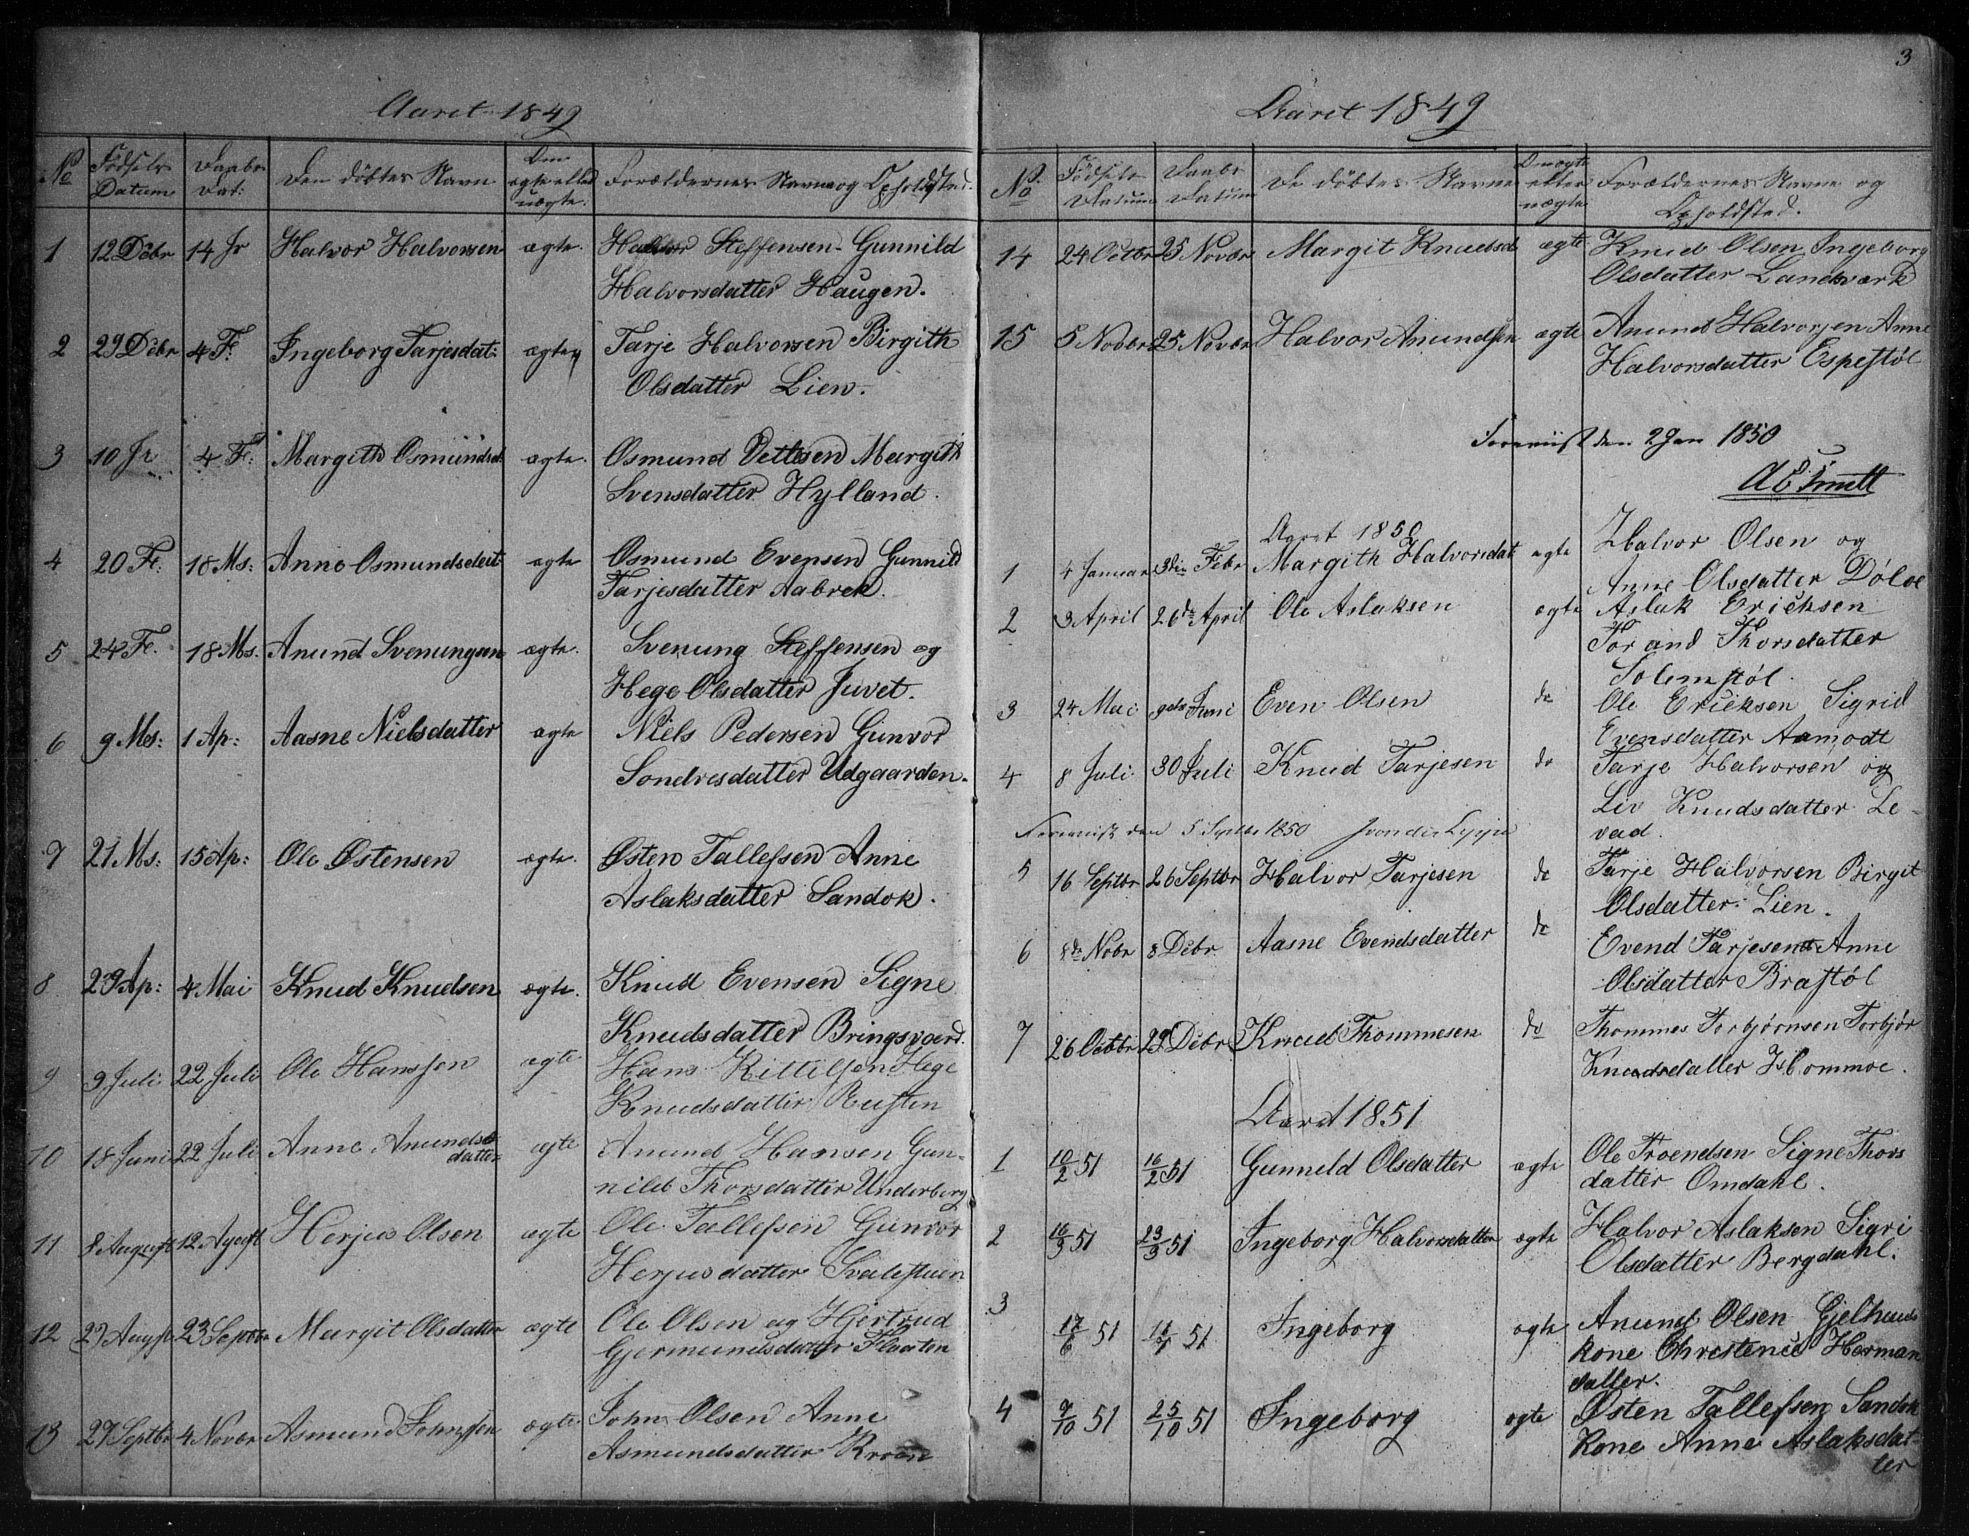 SAKO, Vinje kirkebøker, G/Gb/L0002: Klokkerbok nr. II 2, 1849-1891, s. 3